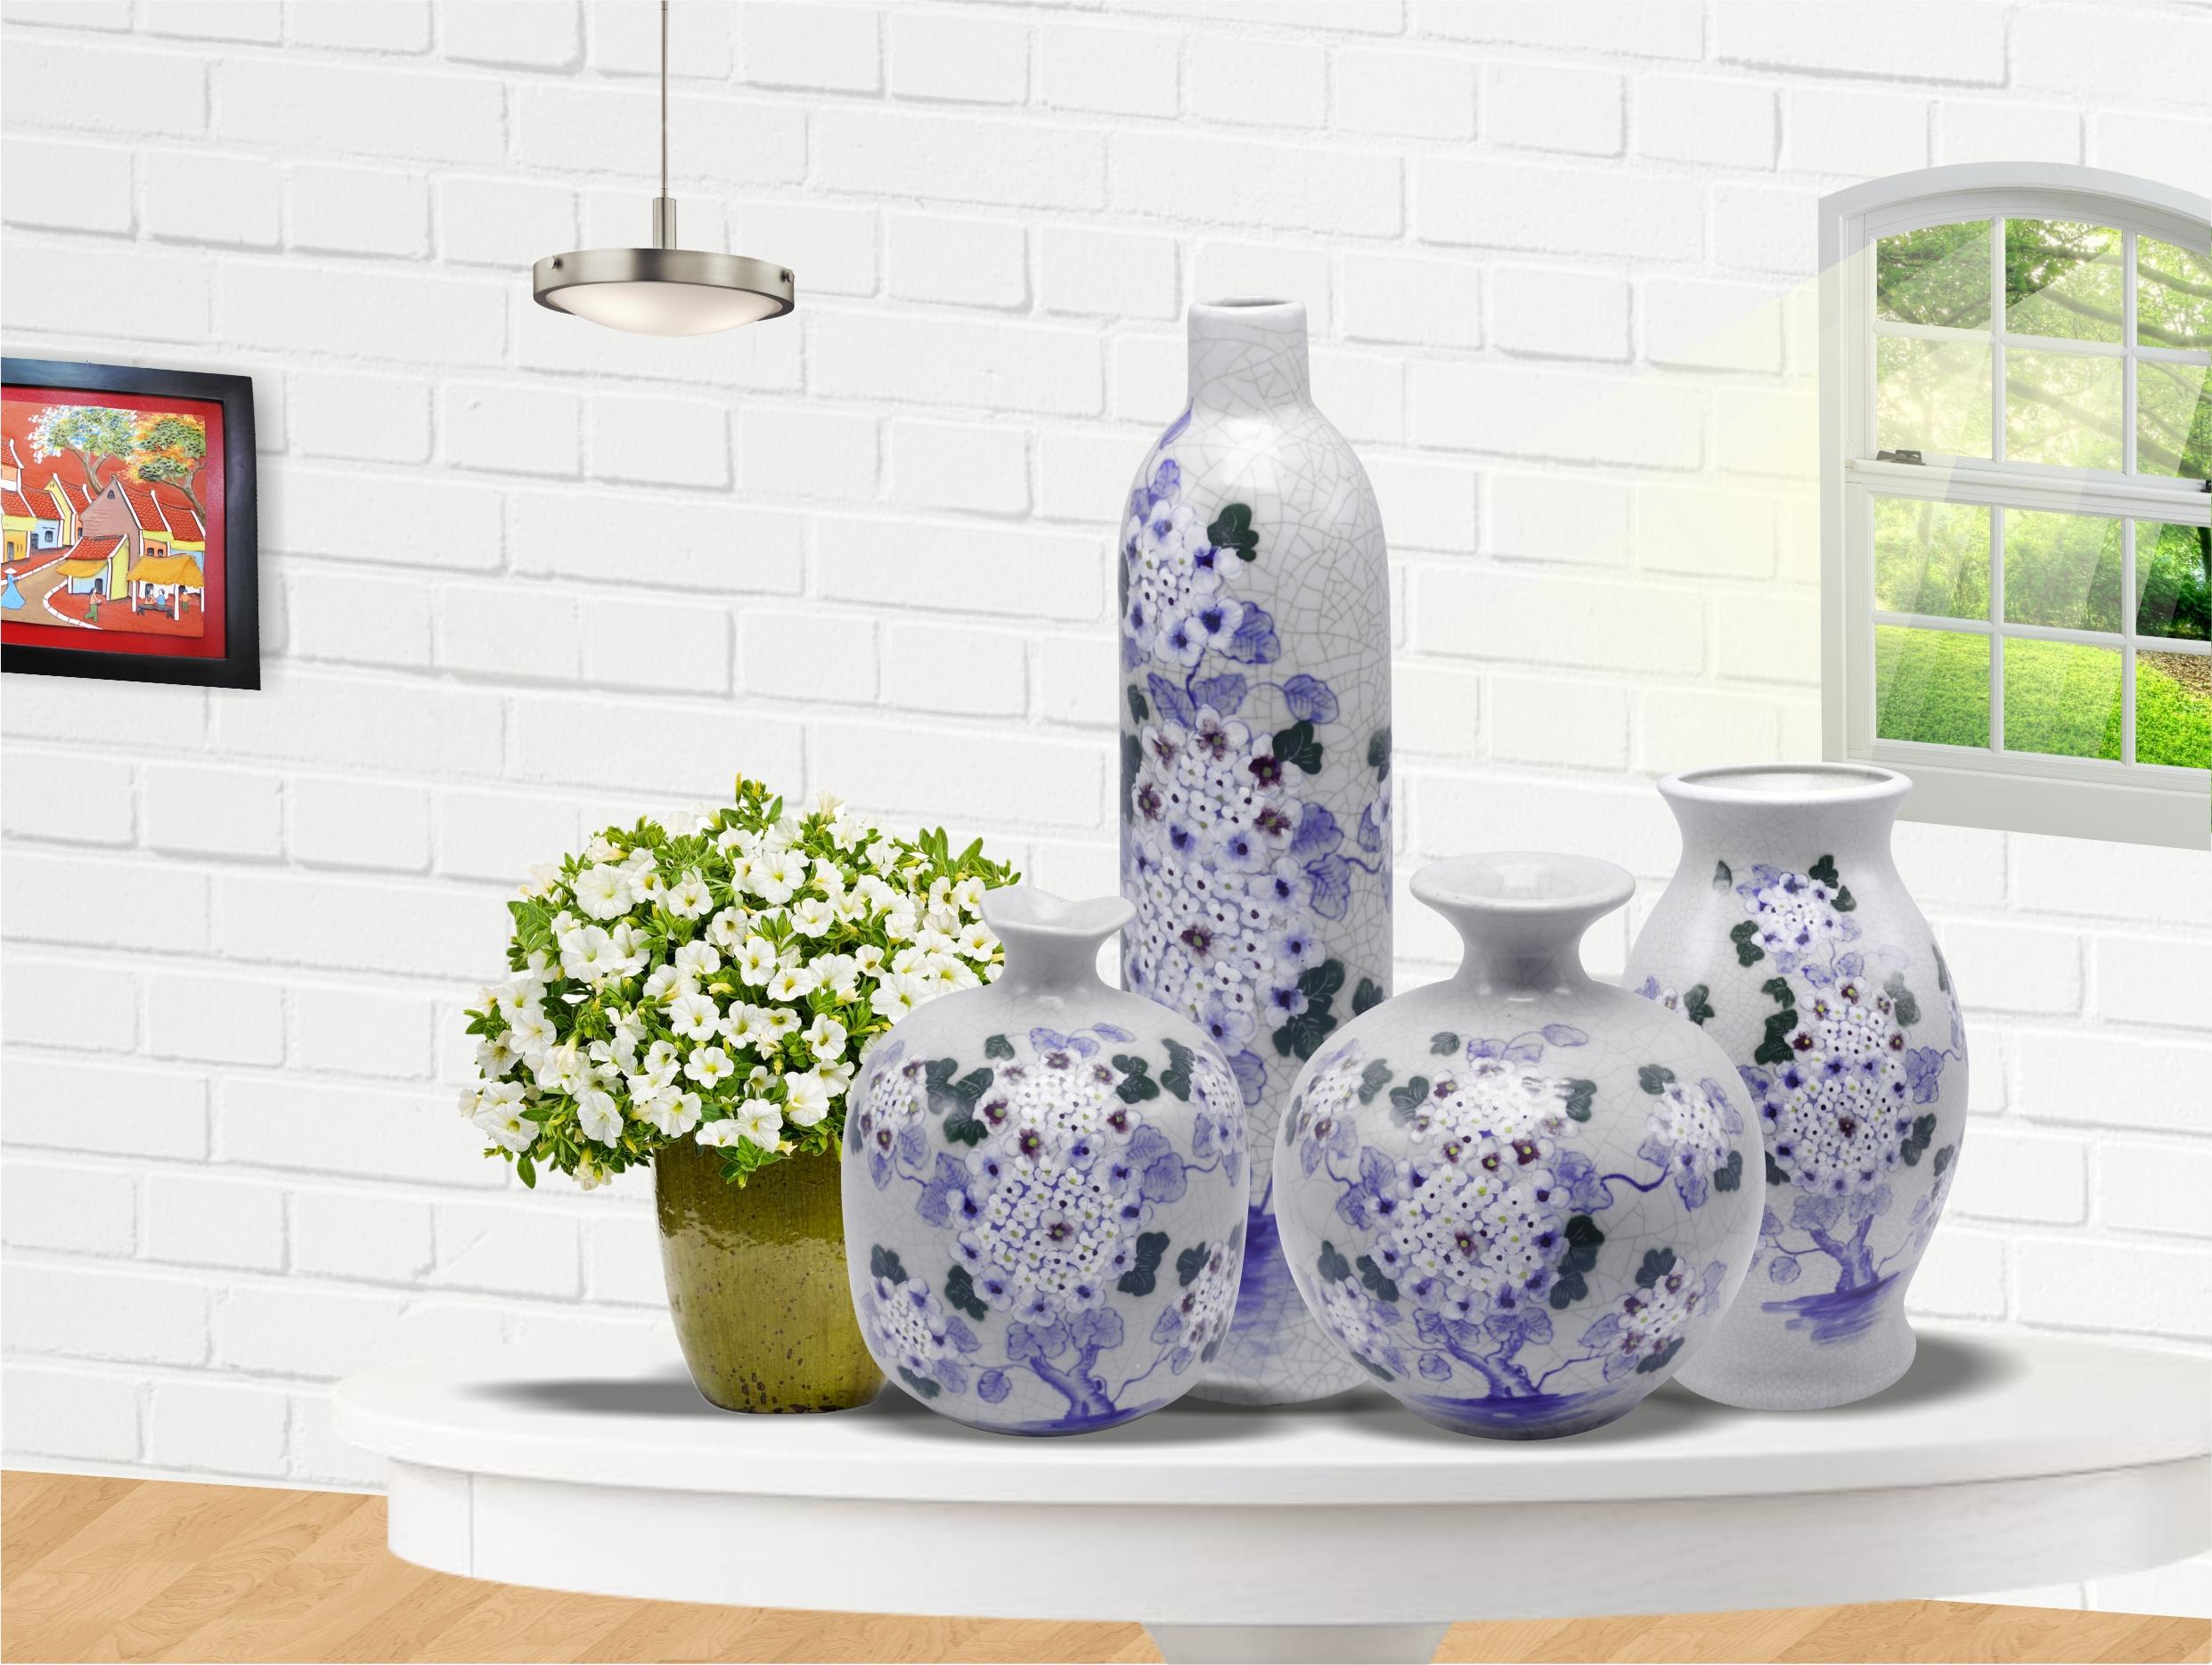 Bình hoa trang trí - Gốm sứ trang trí